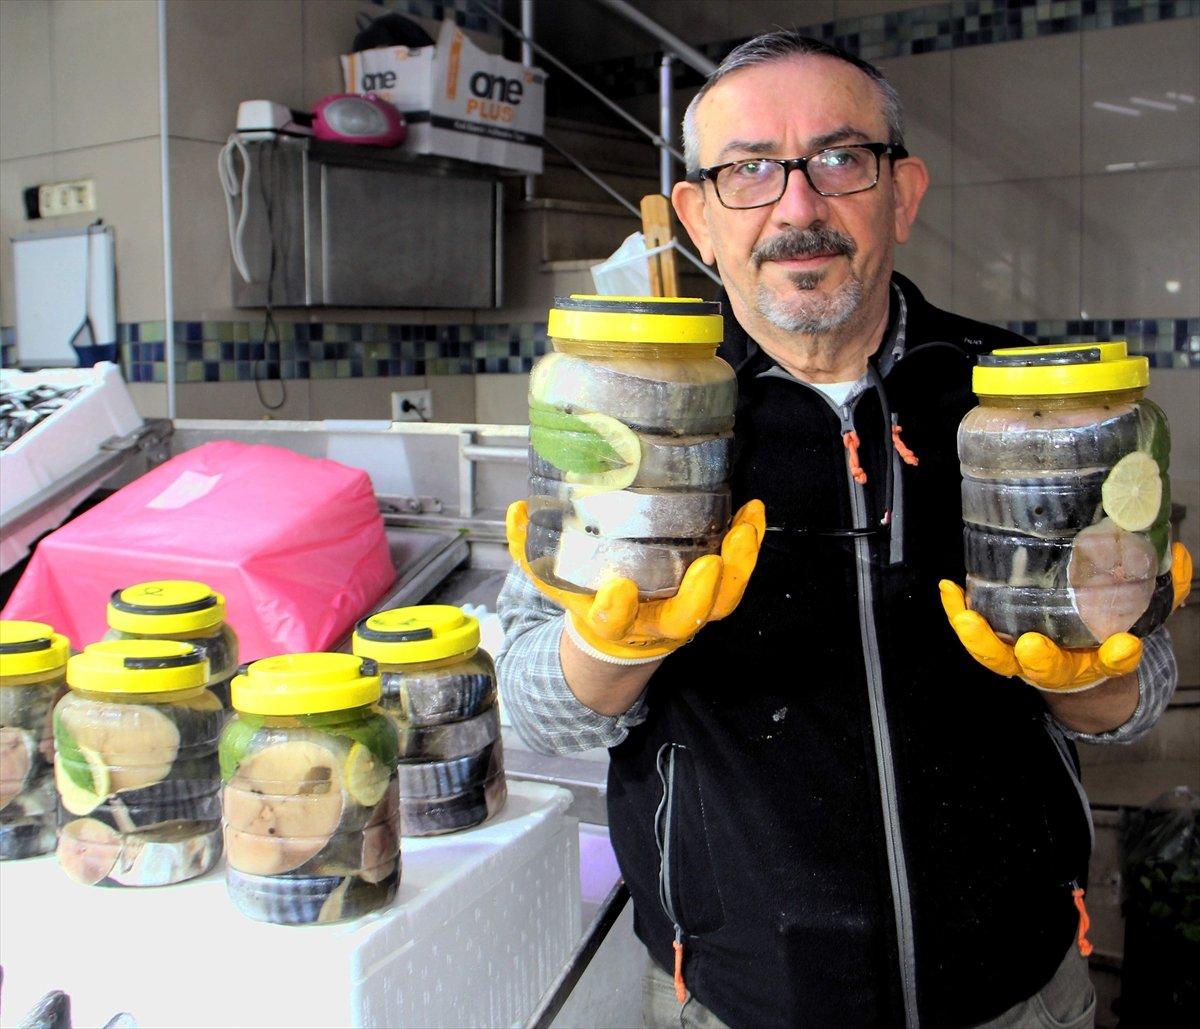 Sinop ta palamut azalınca lakerdanın kilosu 150 liraya çıktı #3